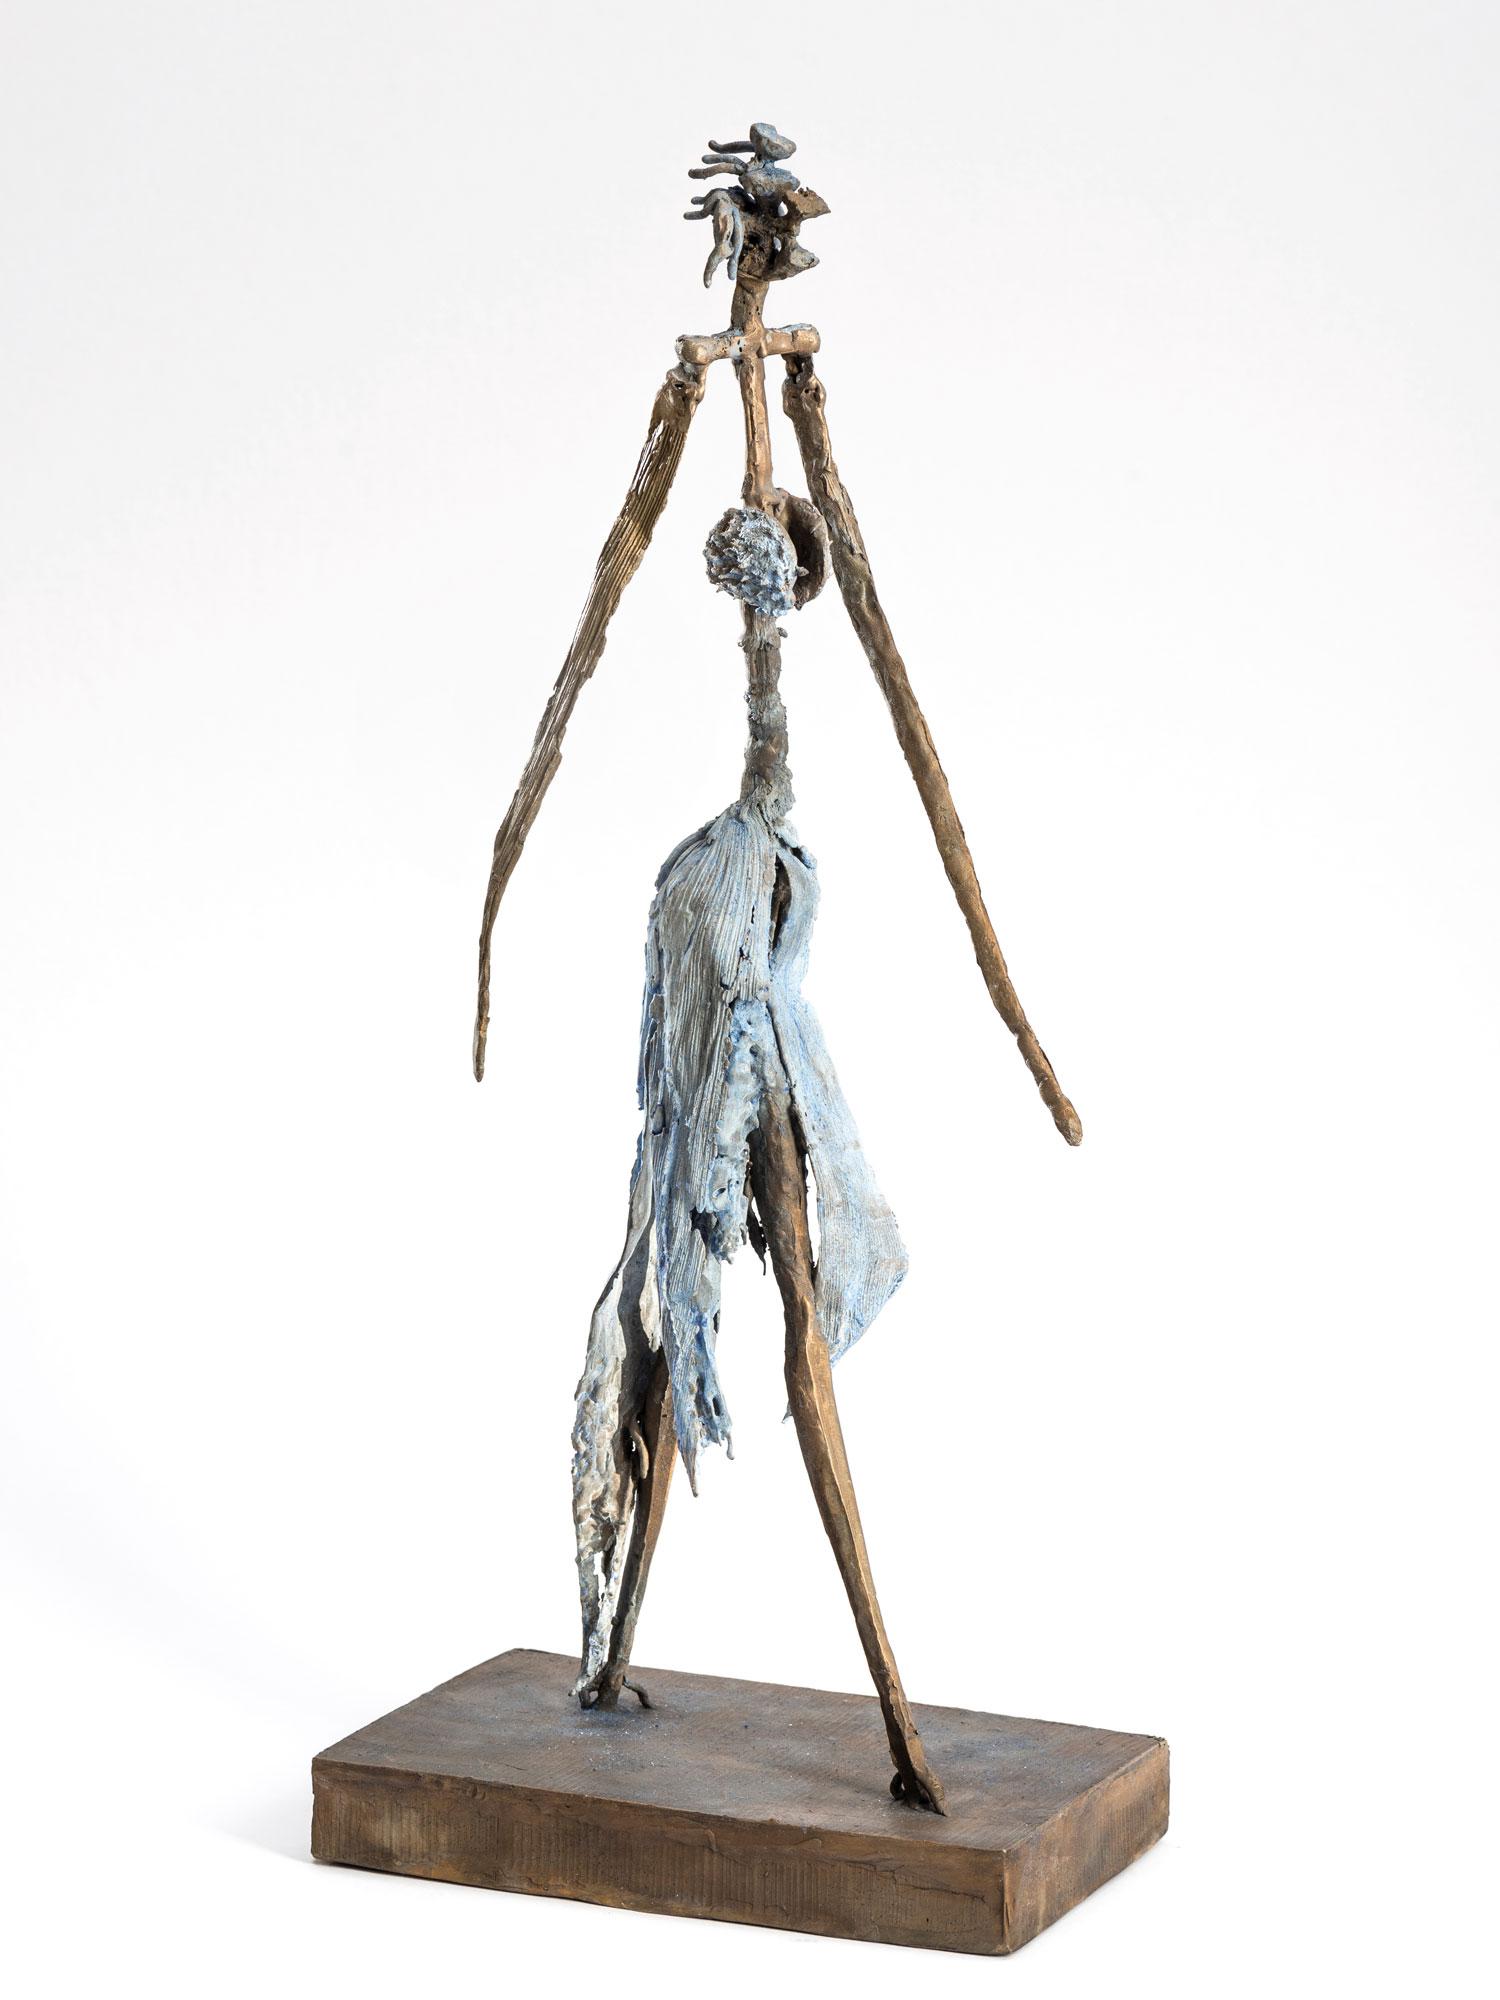 https://www.amiromerovic.de/wp-content/uploads/2021/01/Skulptur-Laufsteg-S44.jpg